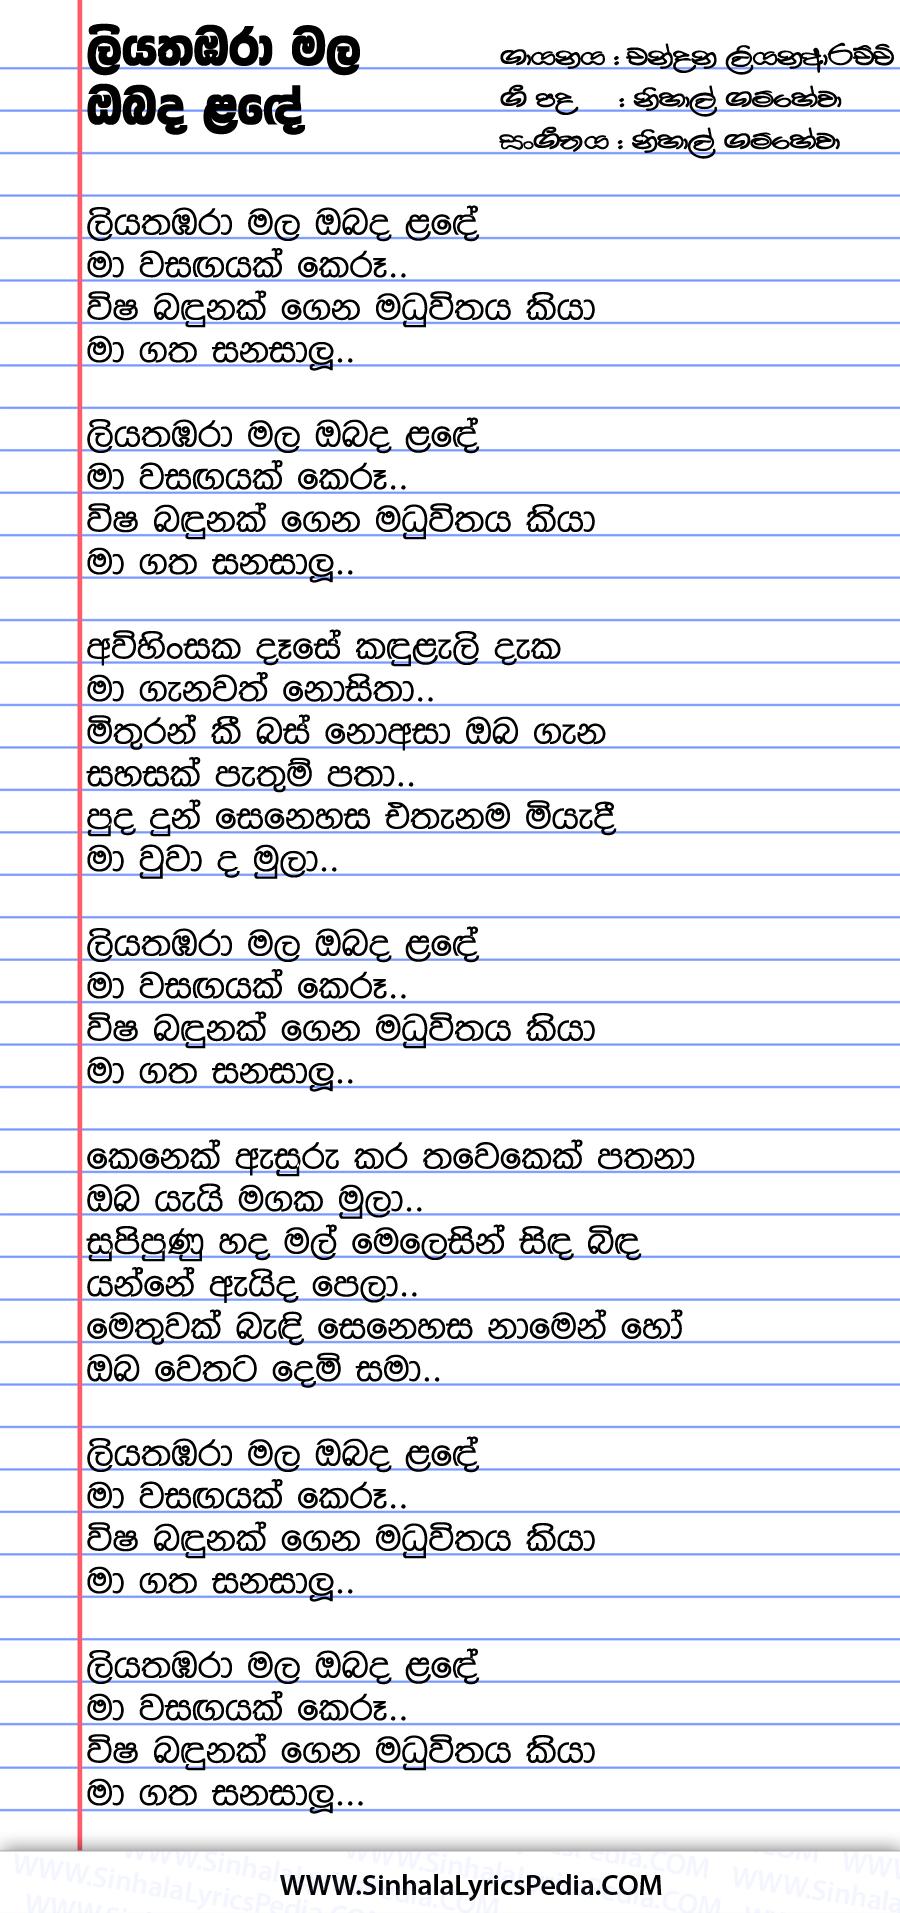 Liyathabara Mala Obada Lande Song Lyrics